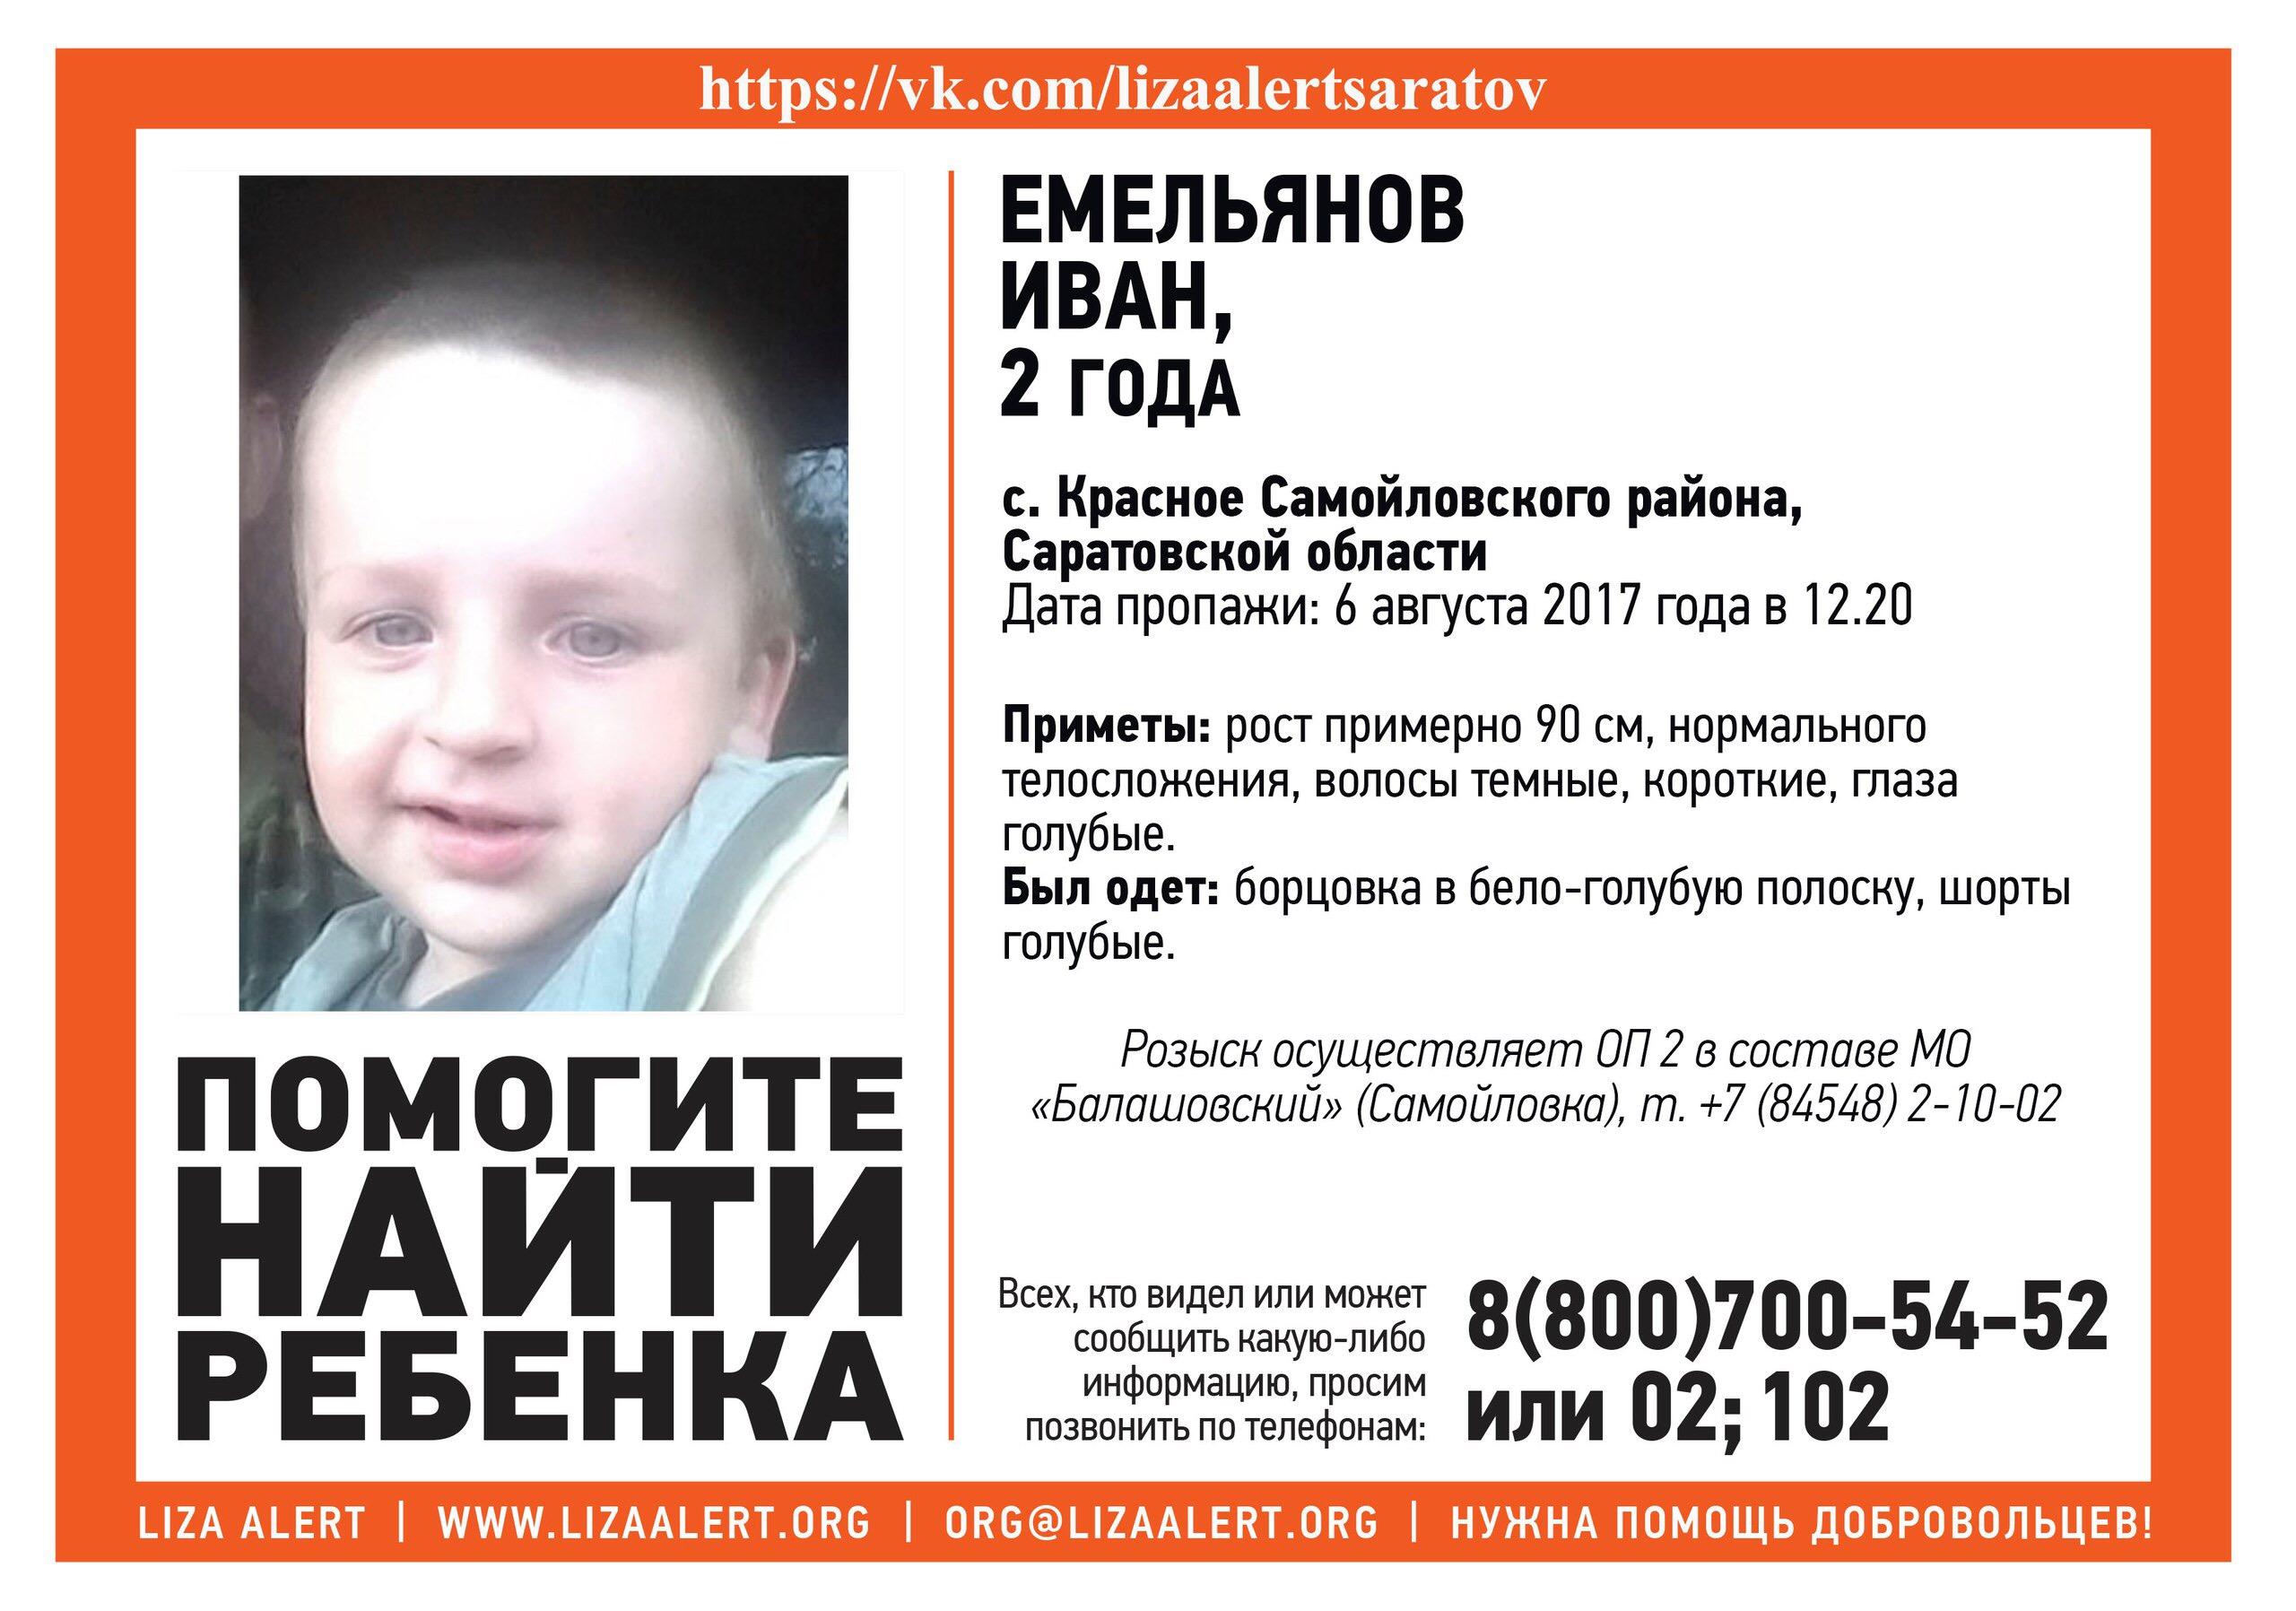 Следователи устанавливают обстоятельства пропажи 2-летнего Ивана Емельянова